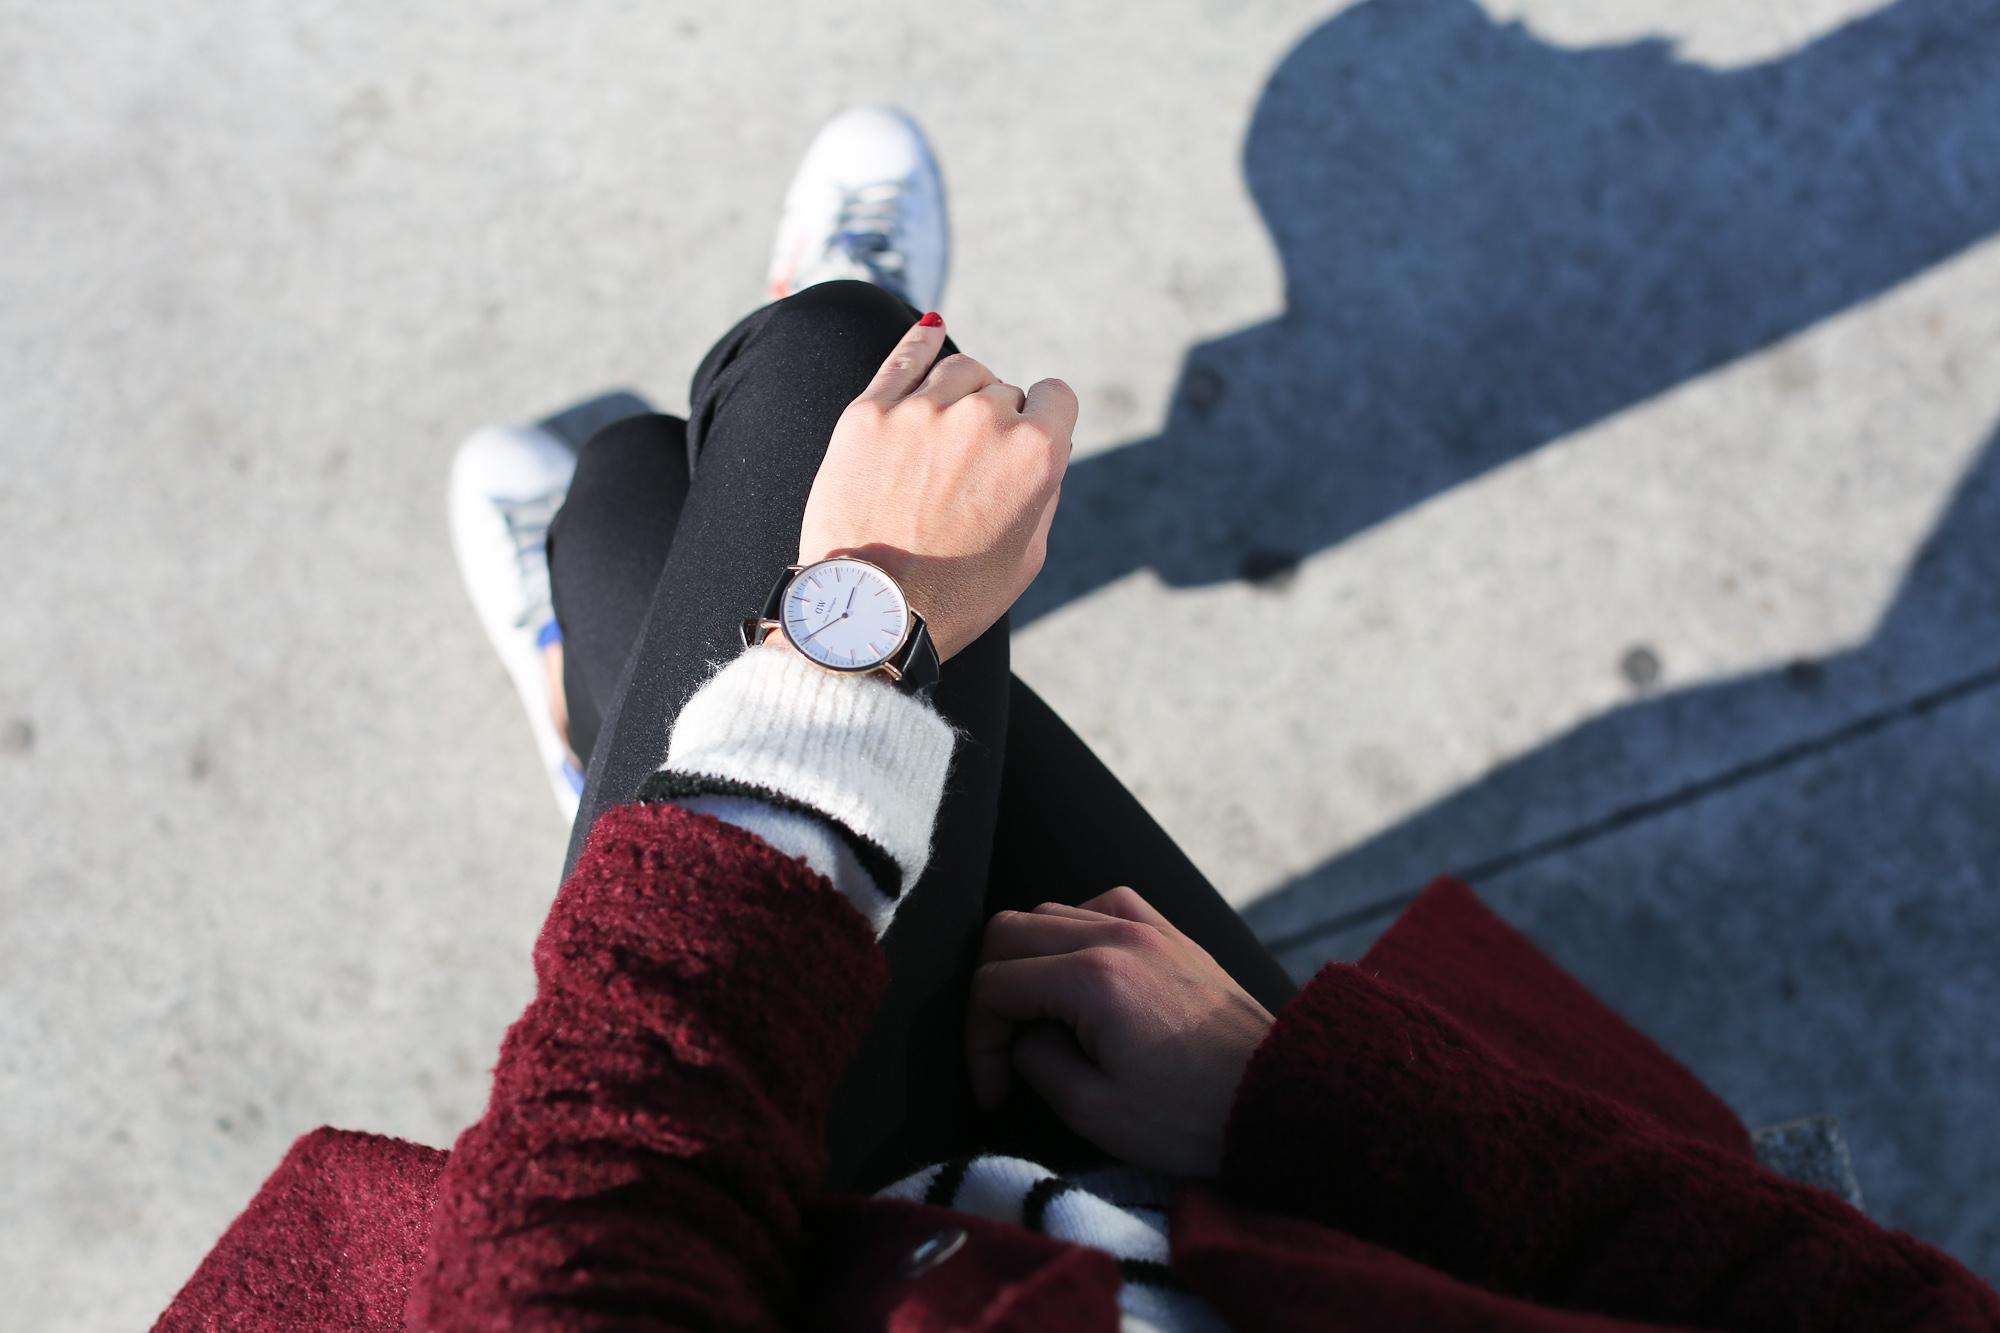 Clochet_streetstyle_golden_goose_deluxe_brand_sneakers_burgundy_coat-11